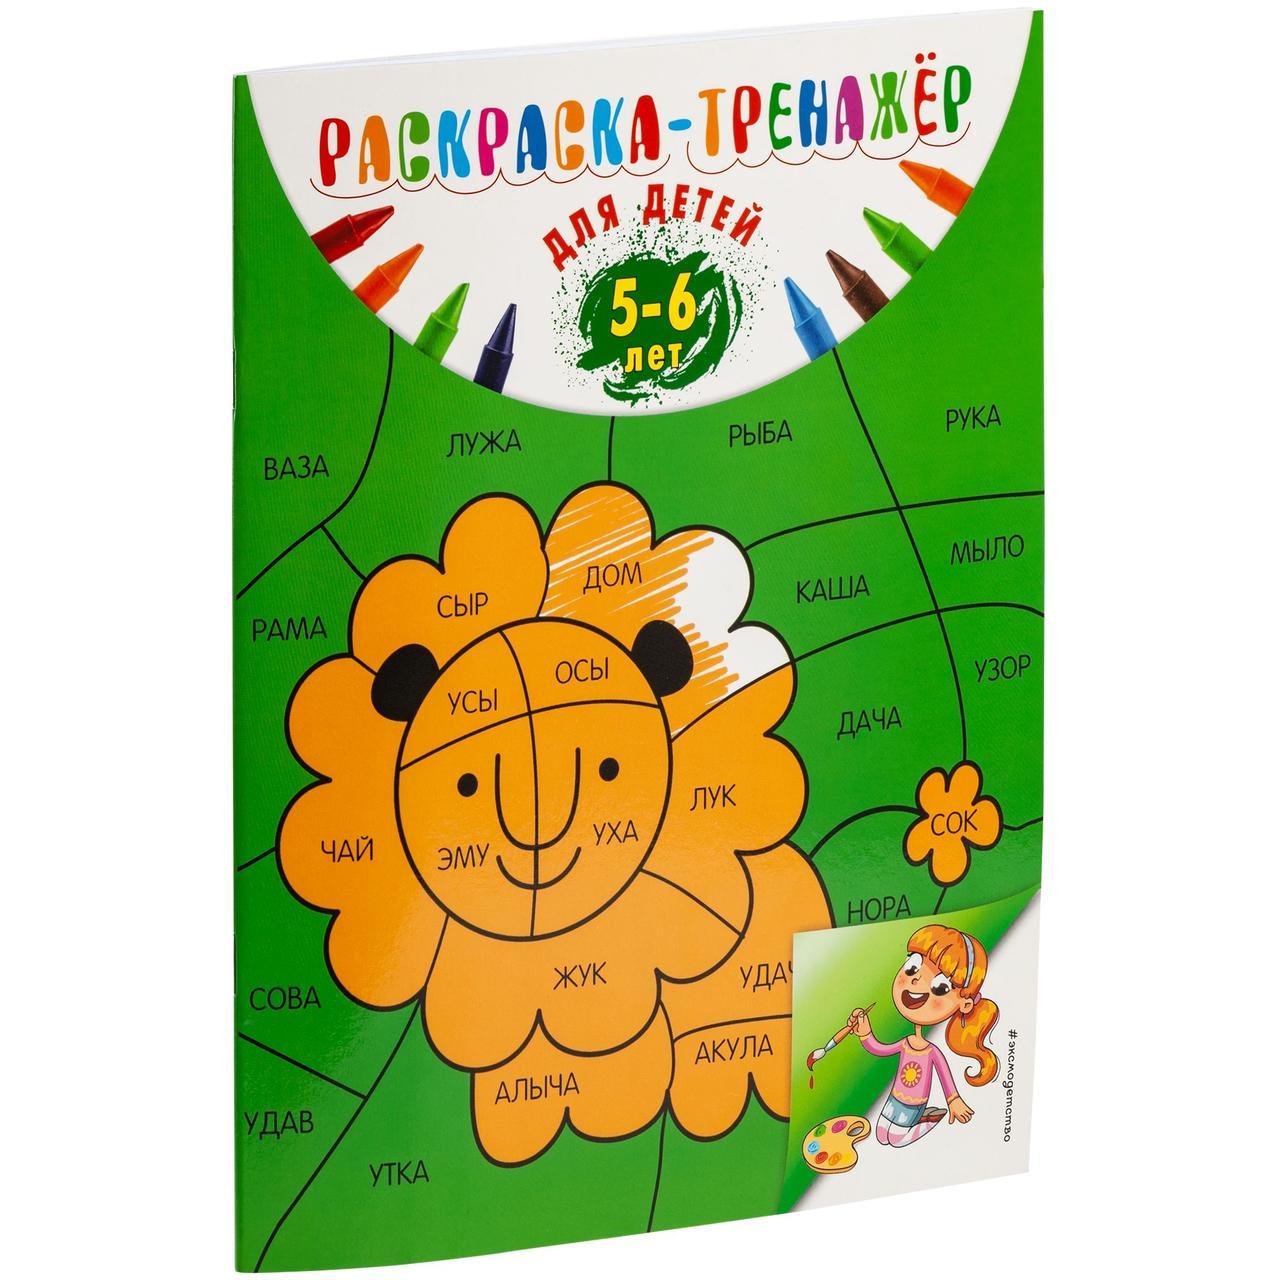 Раскраска-тренажер для детей 5-6 лет (артикул 11046.03)